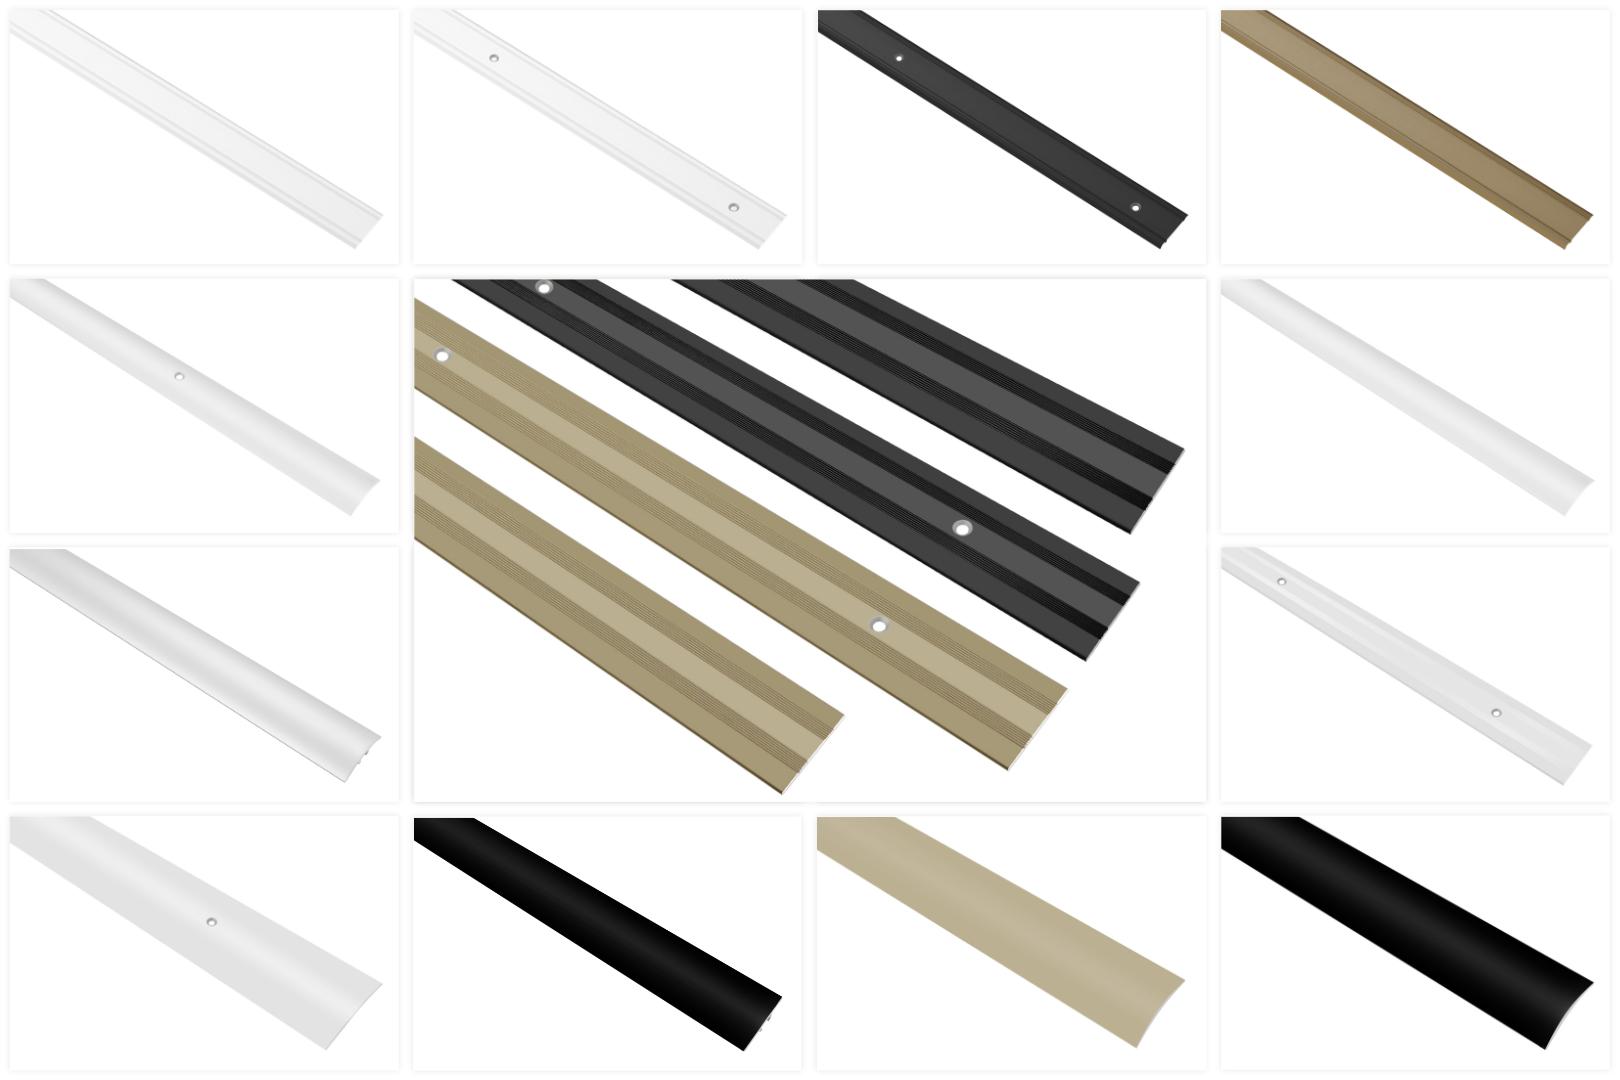 Übergangsprofile aus Aluminium, langlebig & rostfrei als Übergangsleiste von Bodenfugen & Dekoration